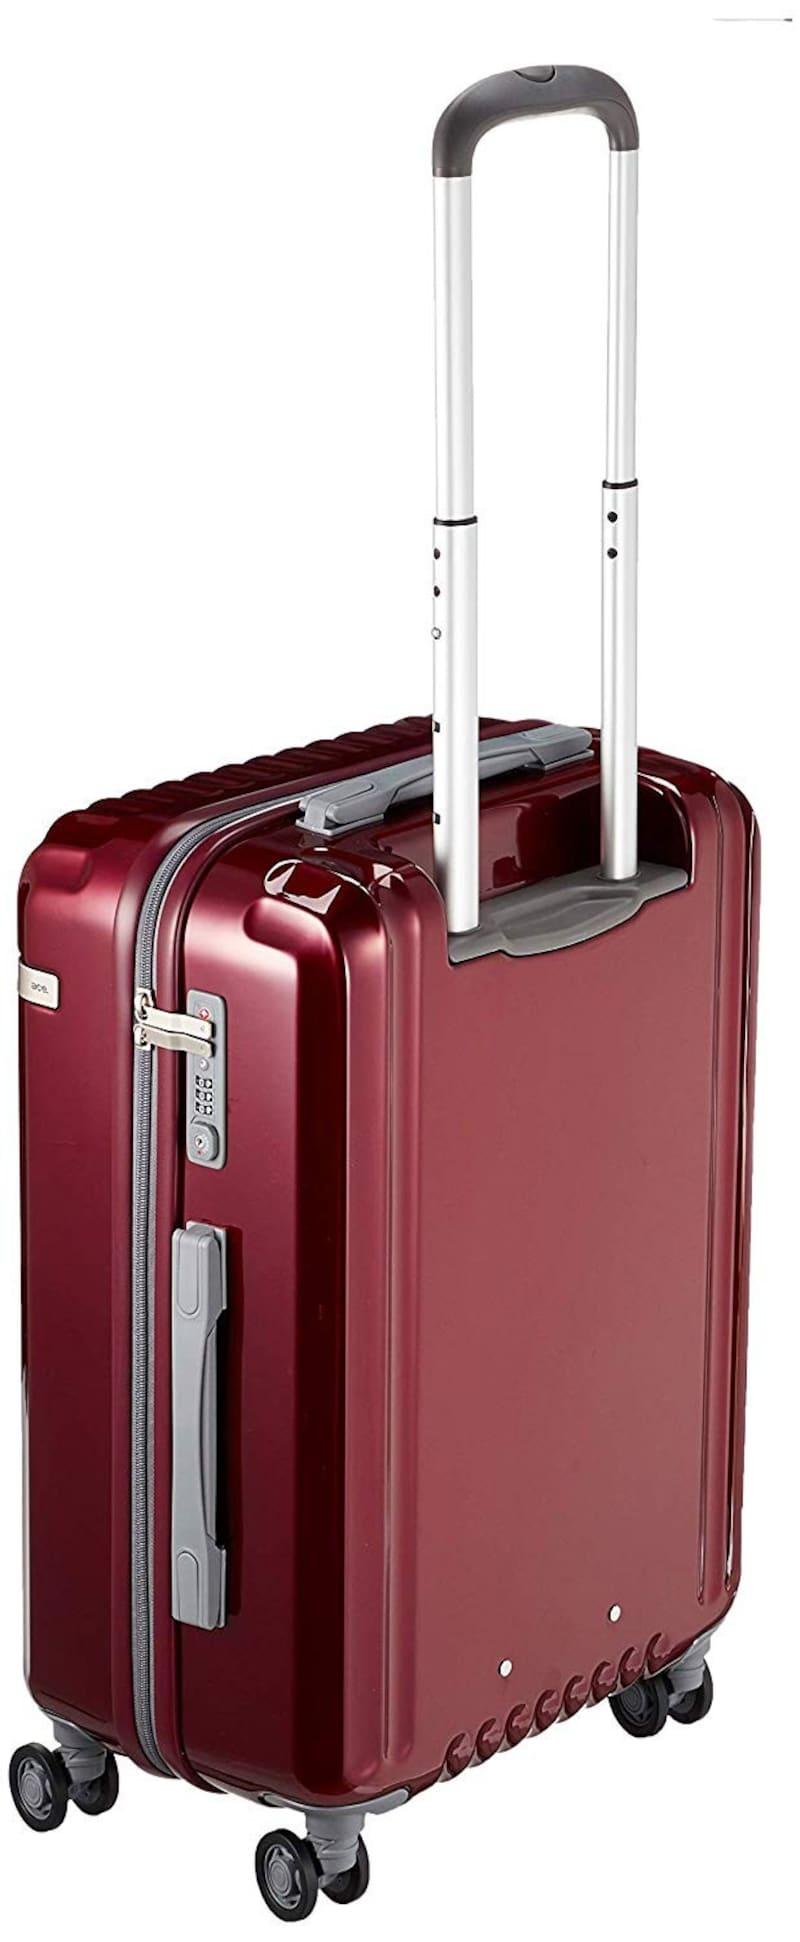 ACE(エース),パリセイドZ スーツケース レッド,05583